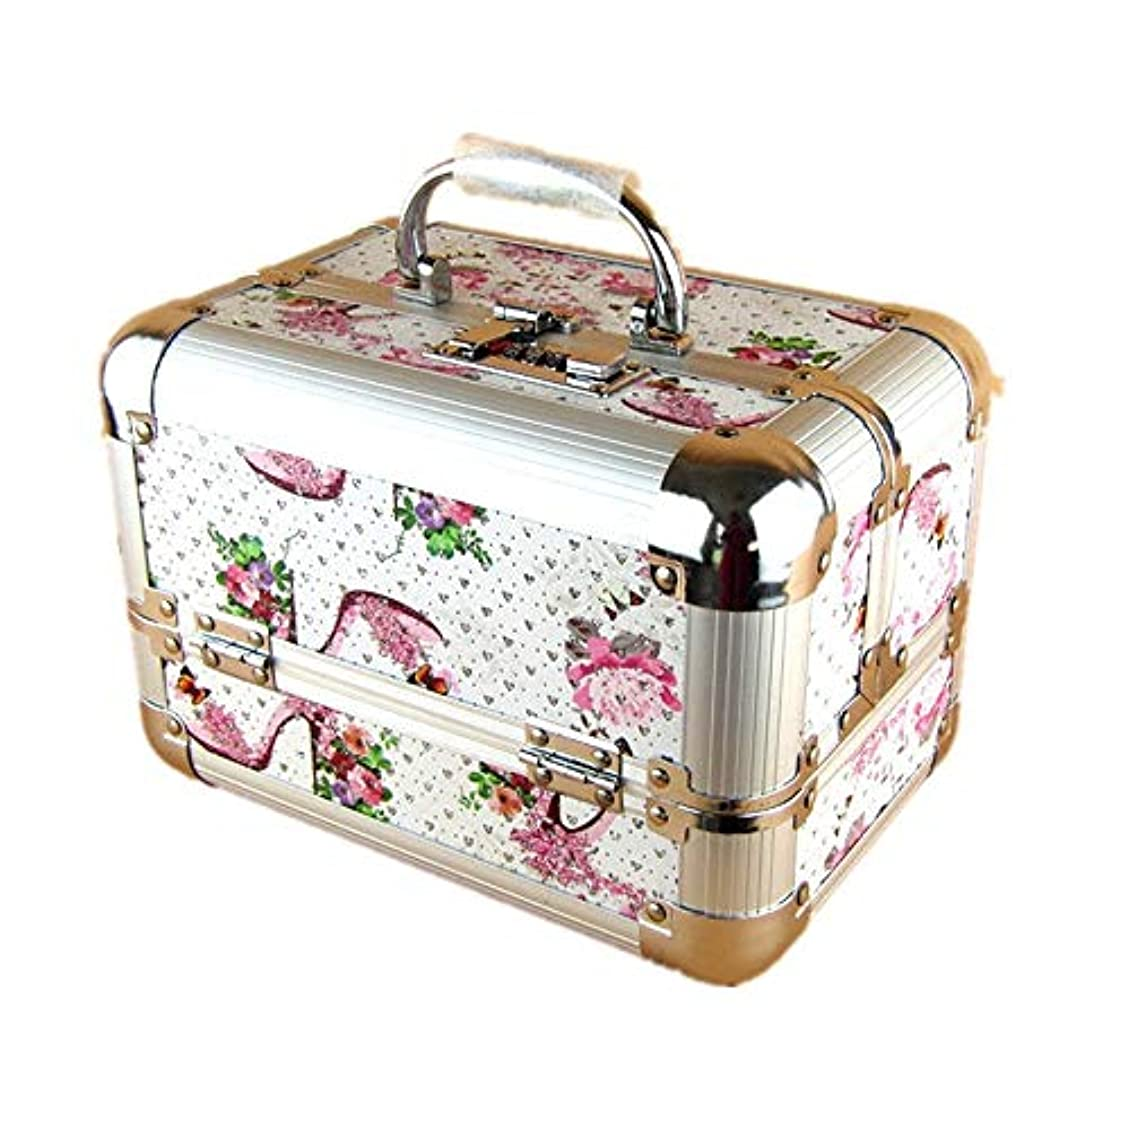 呼吸する白い安定した化粧オーガナイザーバッグ 美容メイクアップと女性の女性のためのポータブルメイクトレインケースロックと折り畳みトレイとアルミフレームと日常のストレージ 化粧品ケース